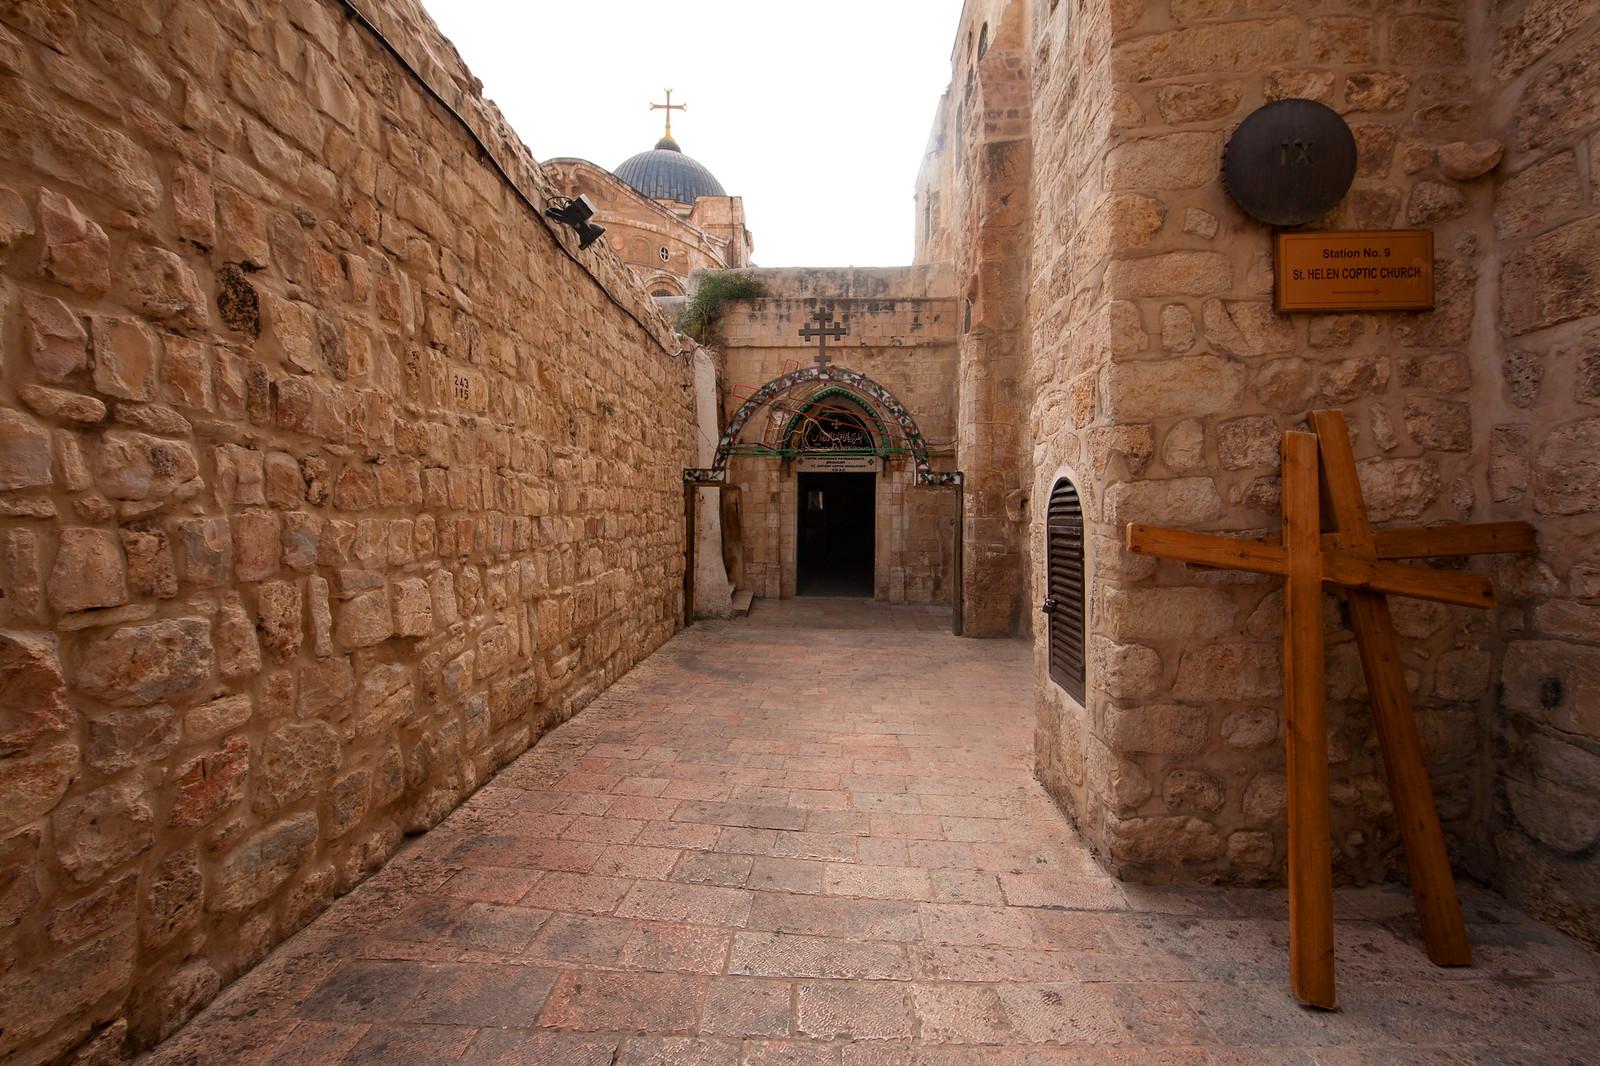 Jerusalem_Via Dolorosa_Station 9 (1)_Noam Chen_IMOT